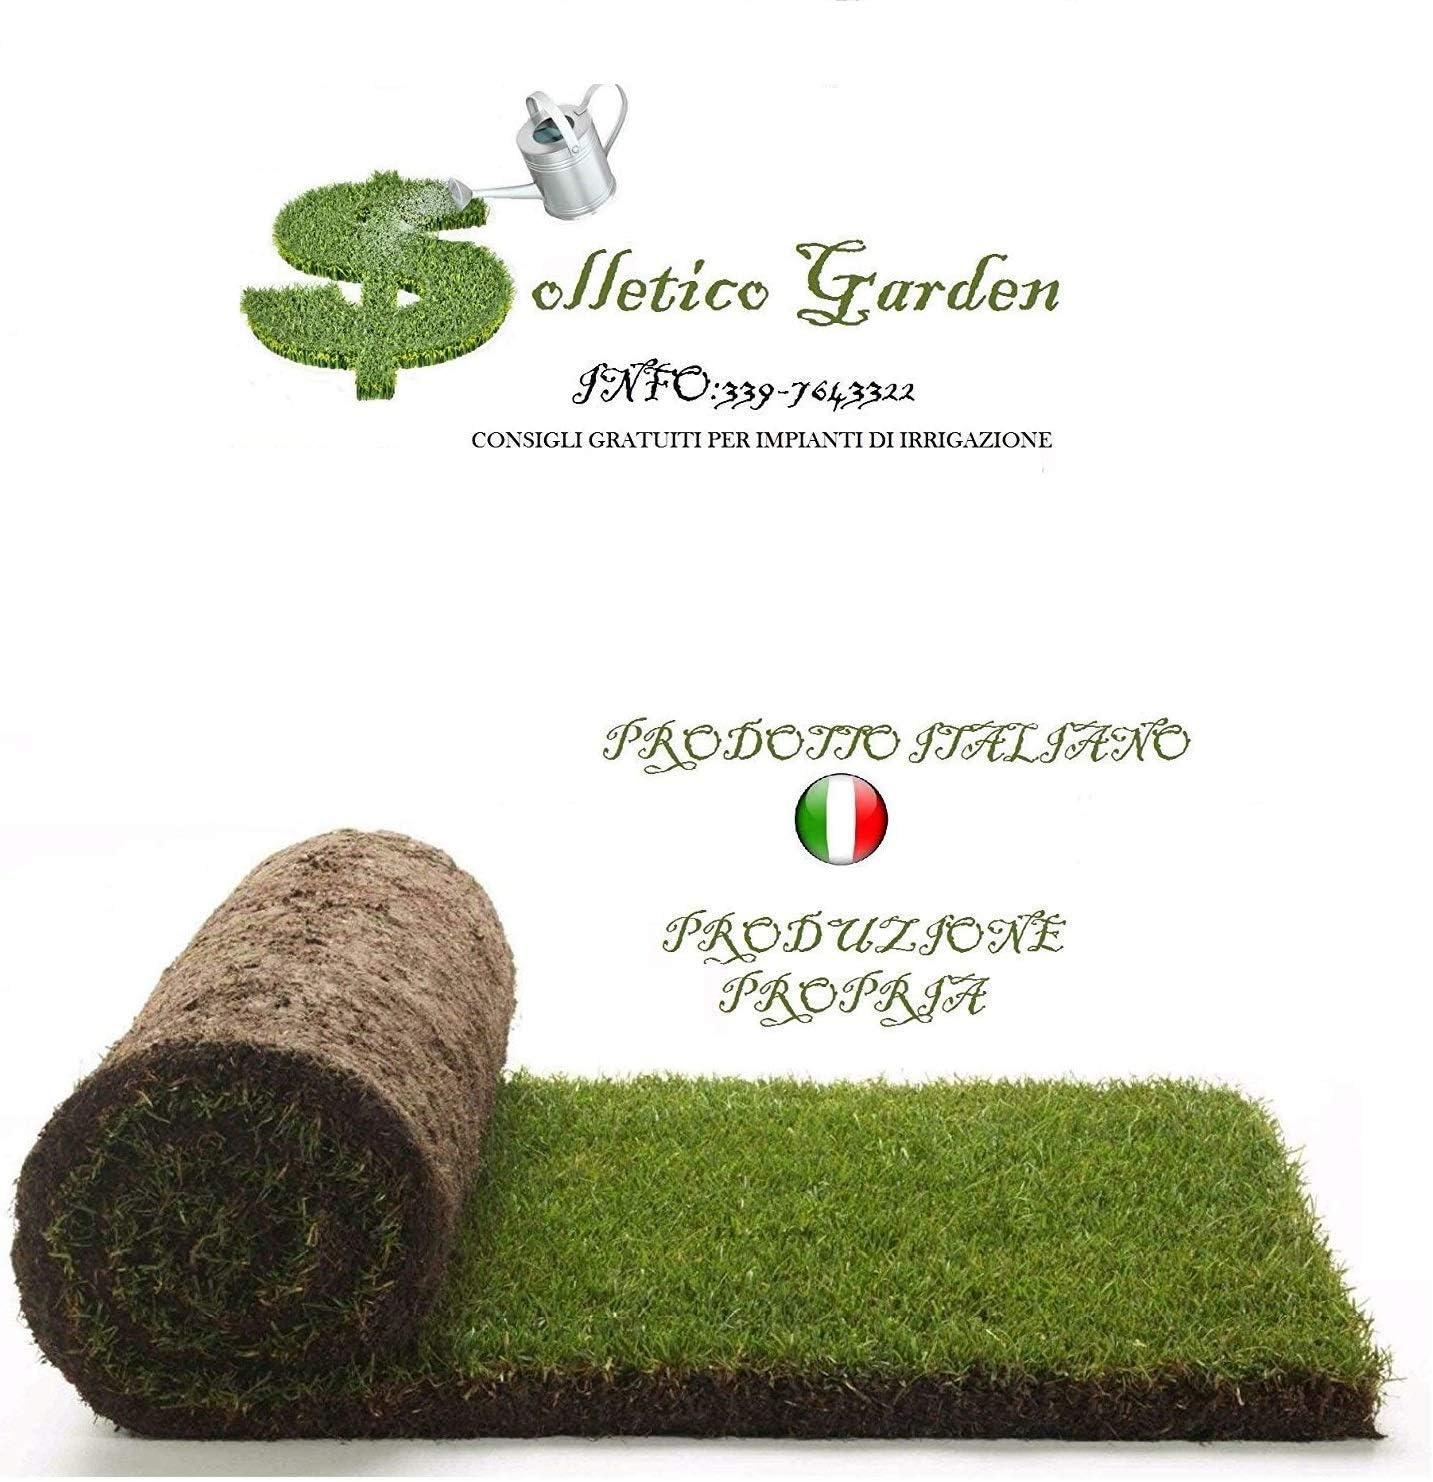 Vero prato pronto a rotoli di 10mq 1^ scelta in erba naturale 20rotoli per giardino NO sintetica sintetico